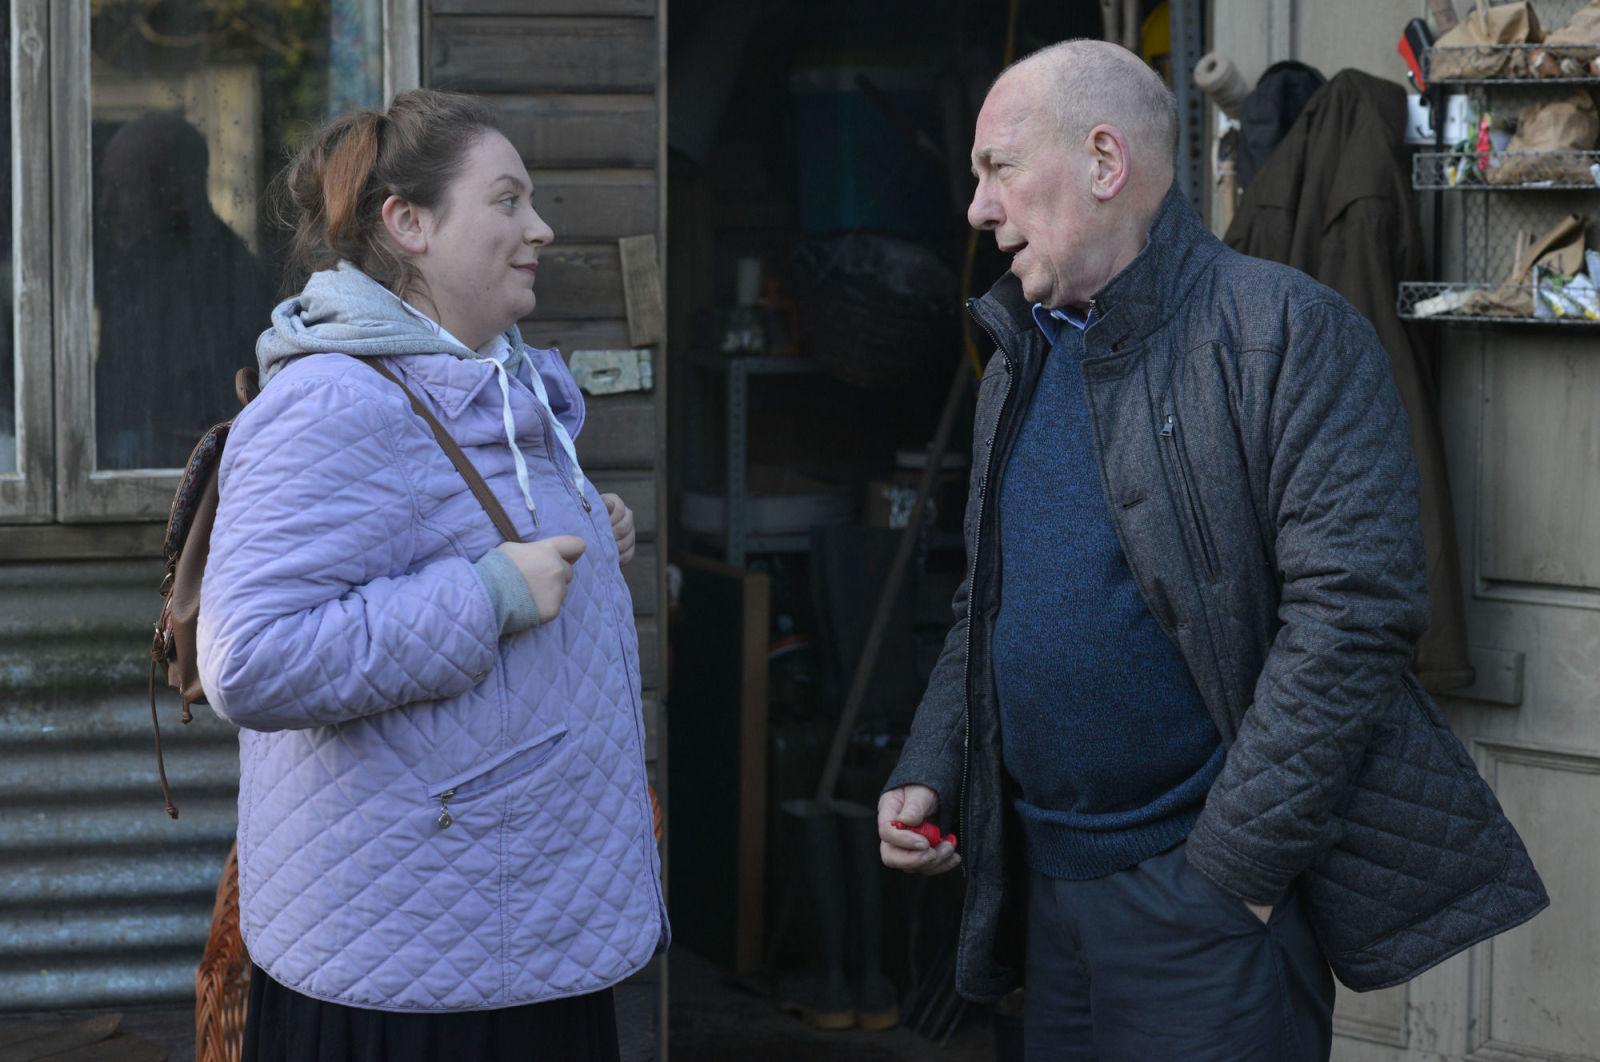 EastEnders' Ted Murray accused of grooming Bernadette Taylor in shock abuse storyline